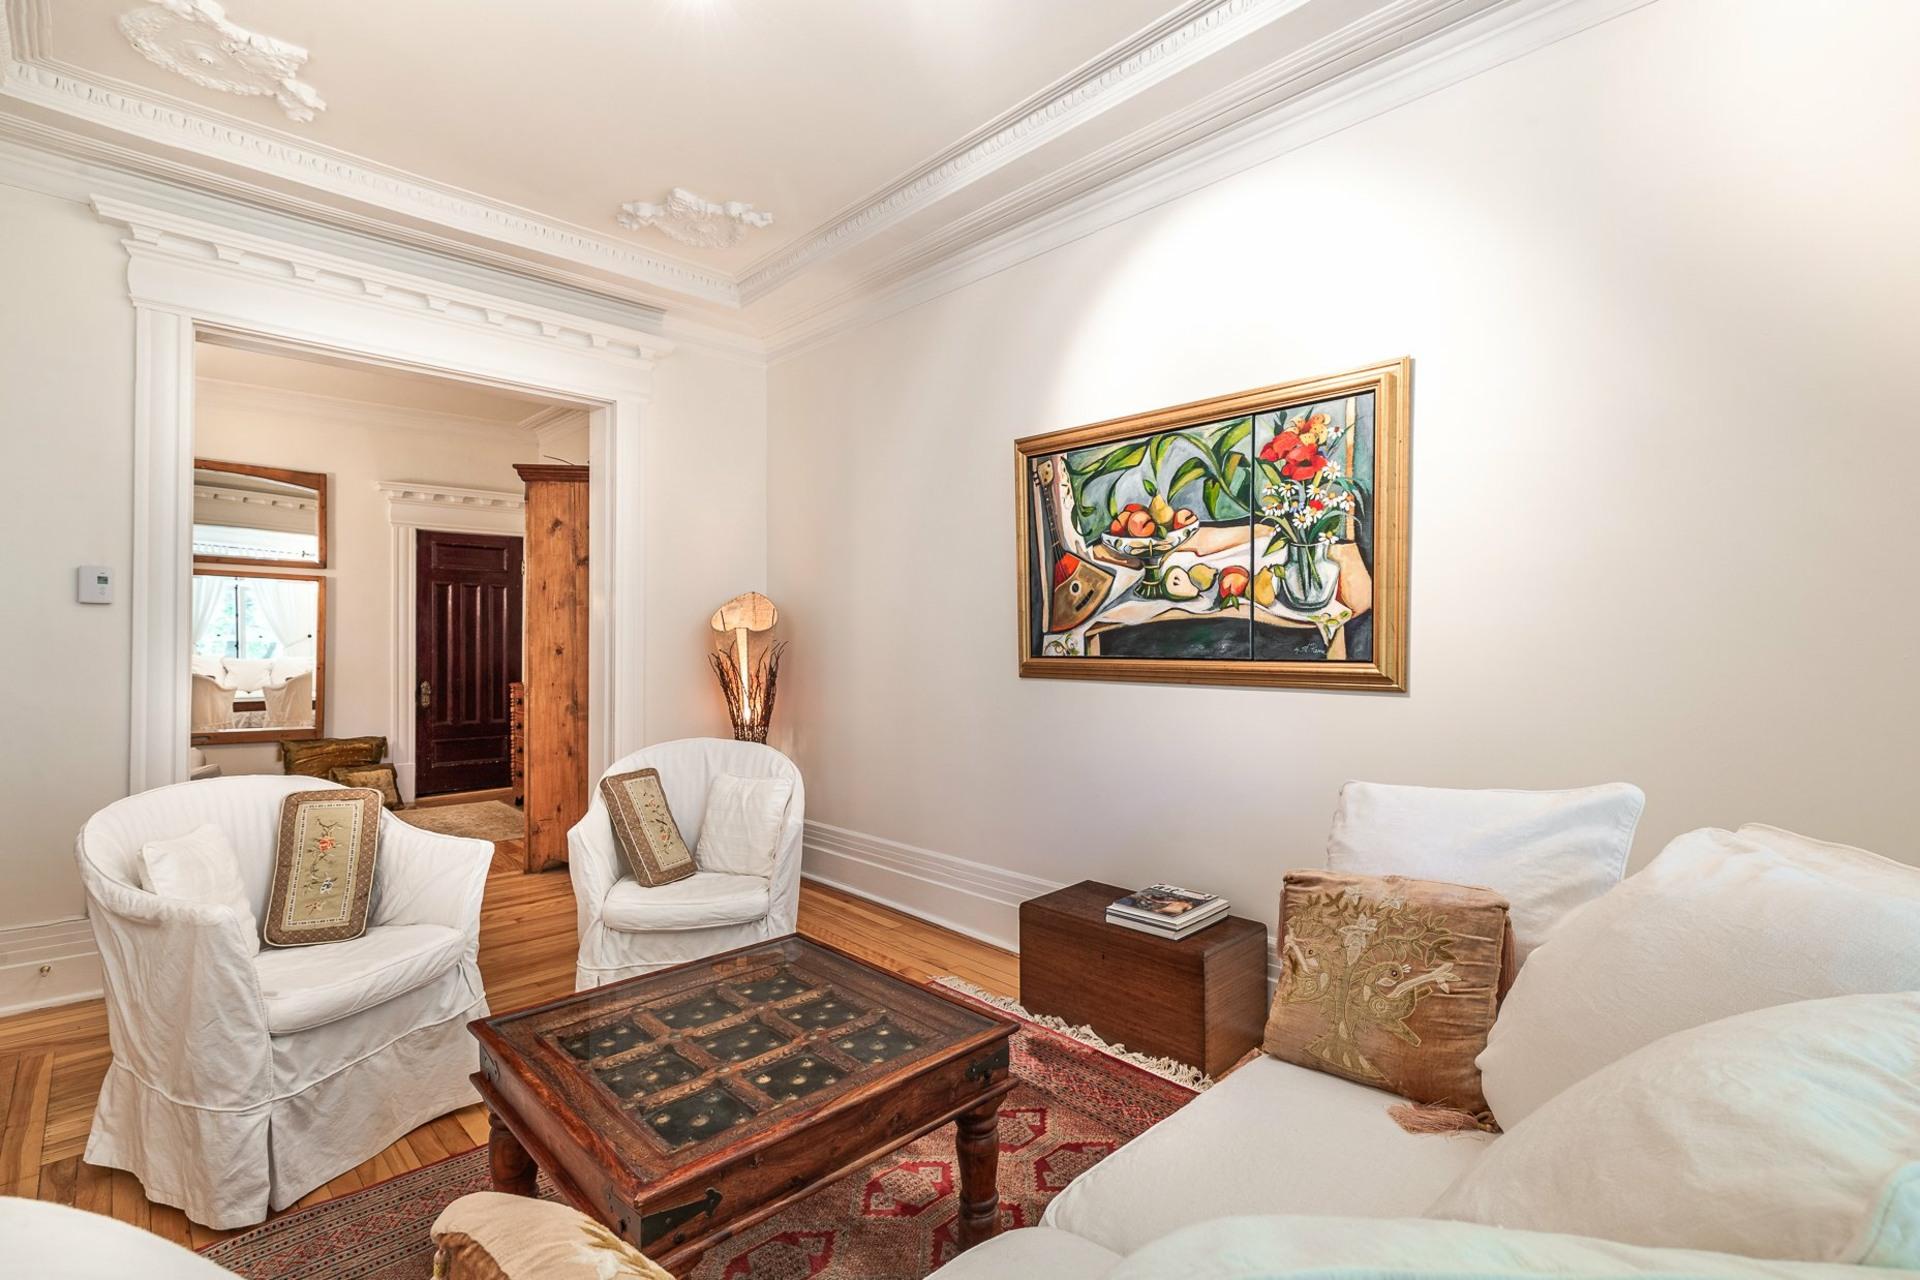 image 3 - Apartment For sale Le Plateau-Mont-Royal Montréal  - 8 rooms